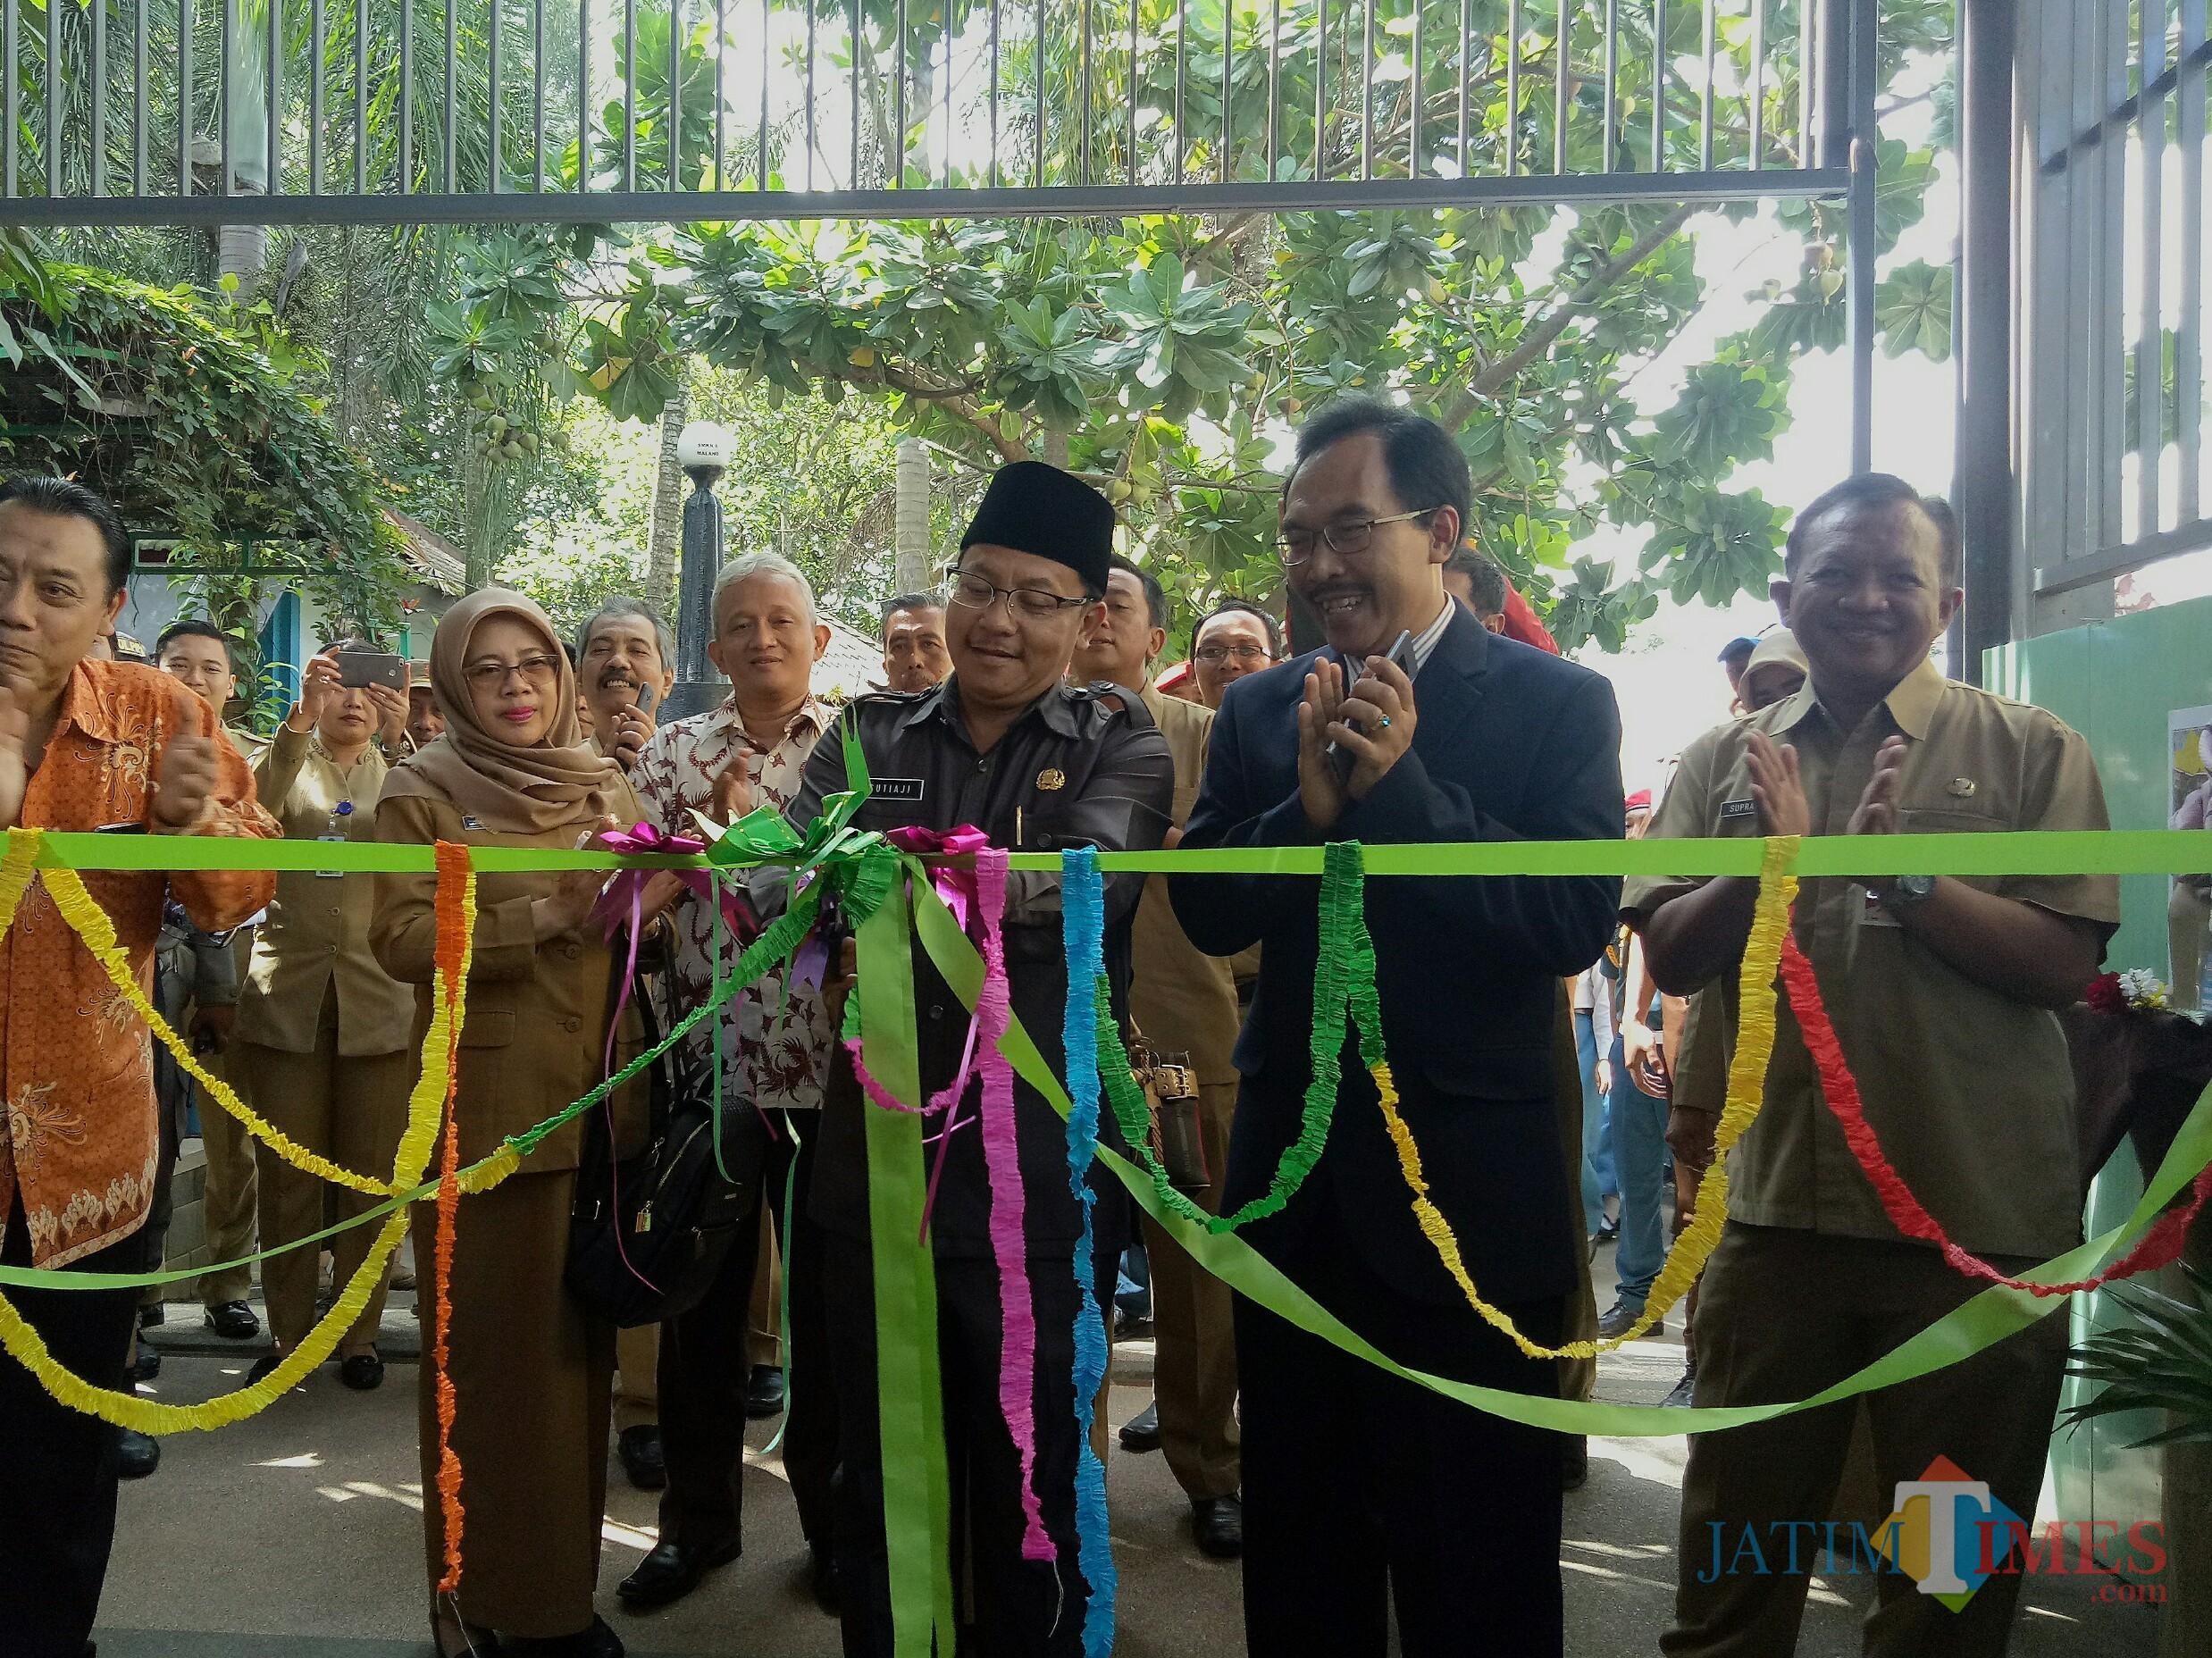 Wali Kota Malang Sutiaji bersama Kepala SMKN 6 Sidik Priyono (memakai jas) saat membuka gelaran Edu & Job Fair. (Foto: Imarotul Izzah/MalangTIMES)